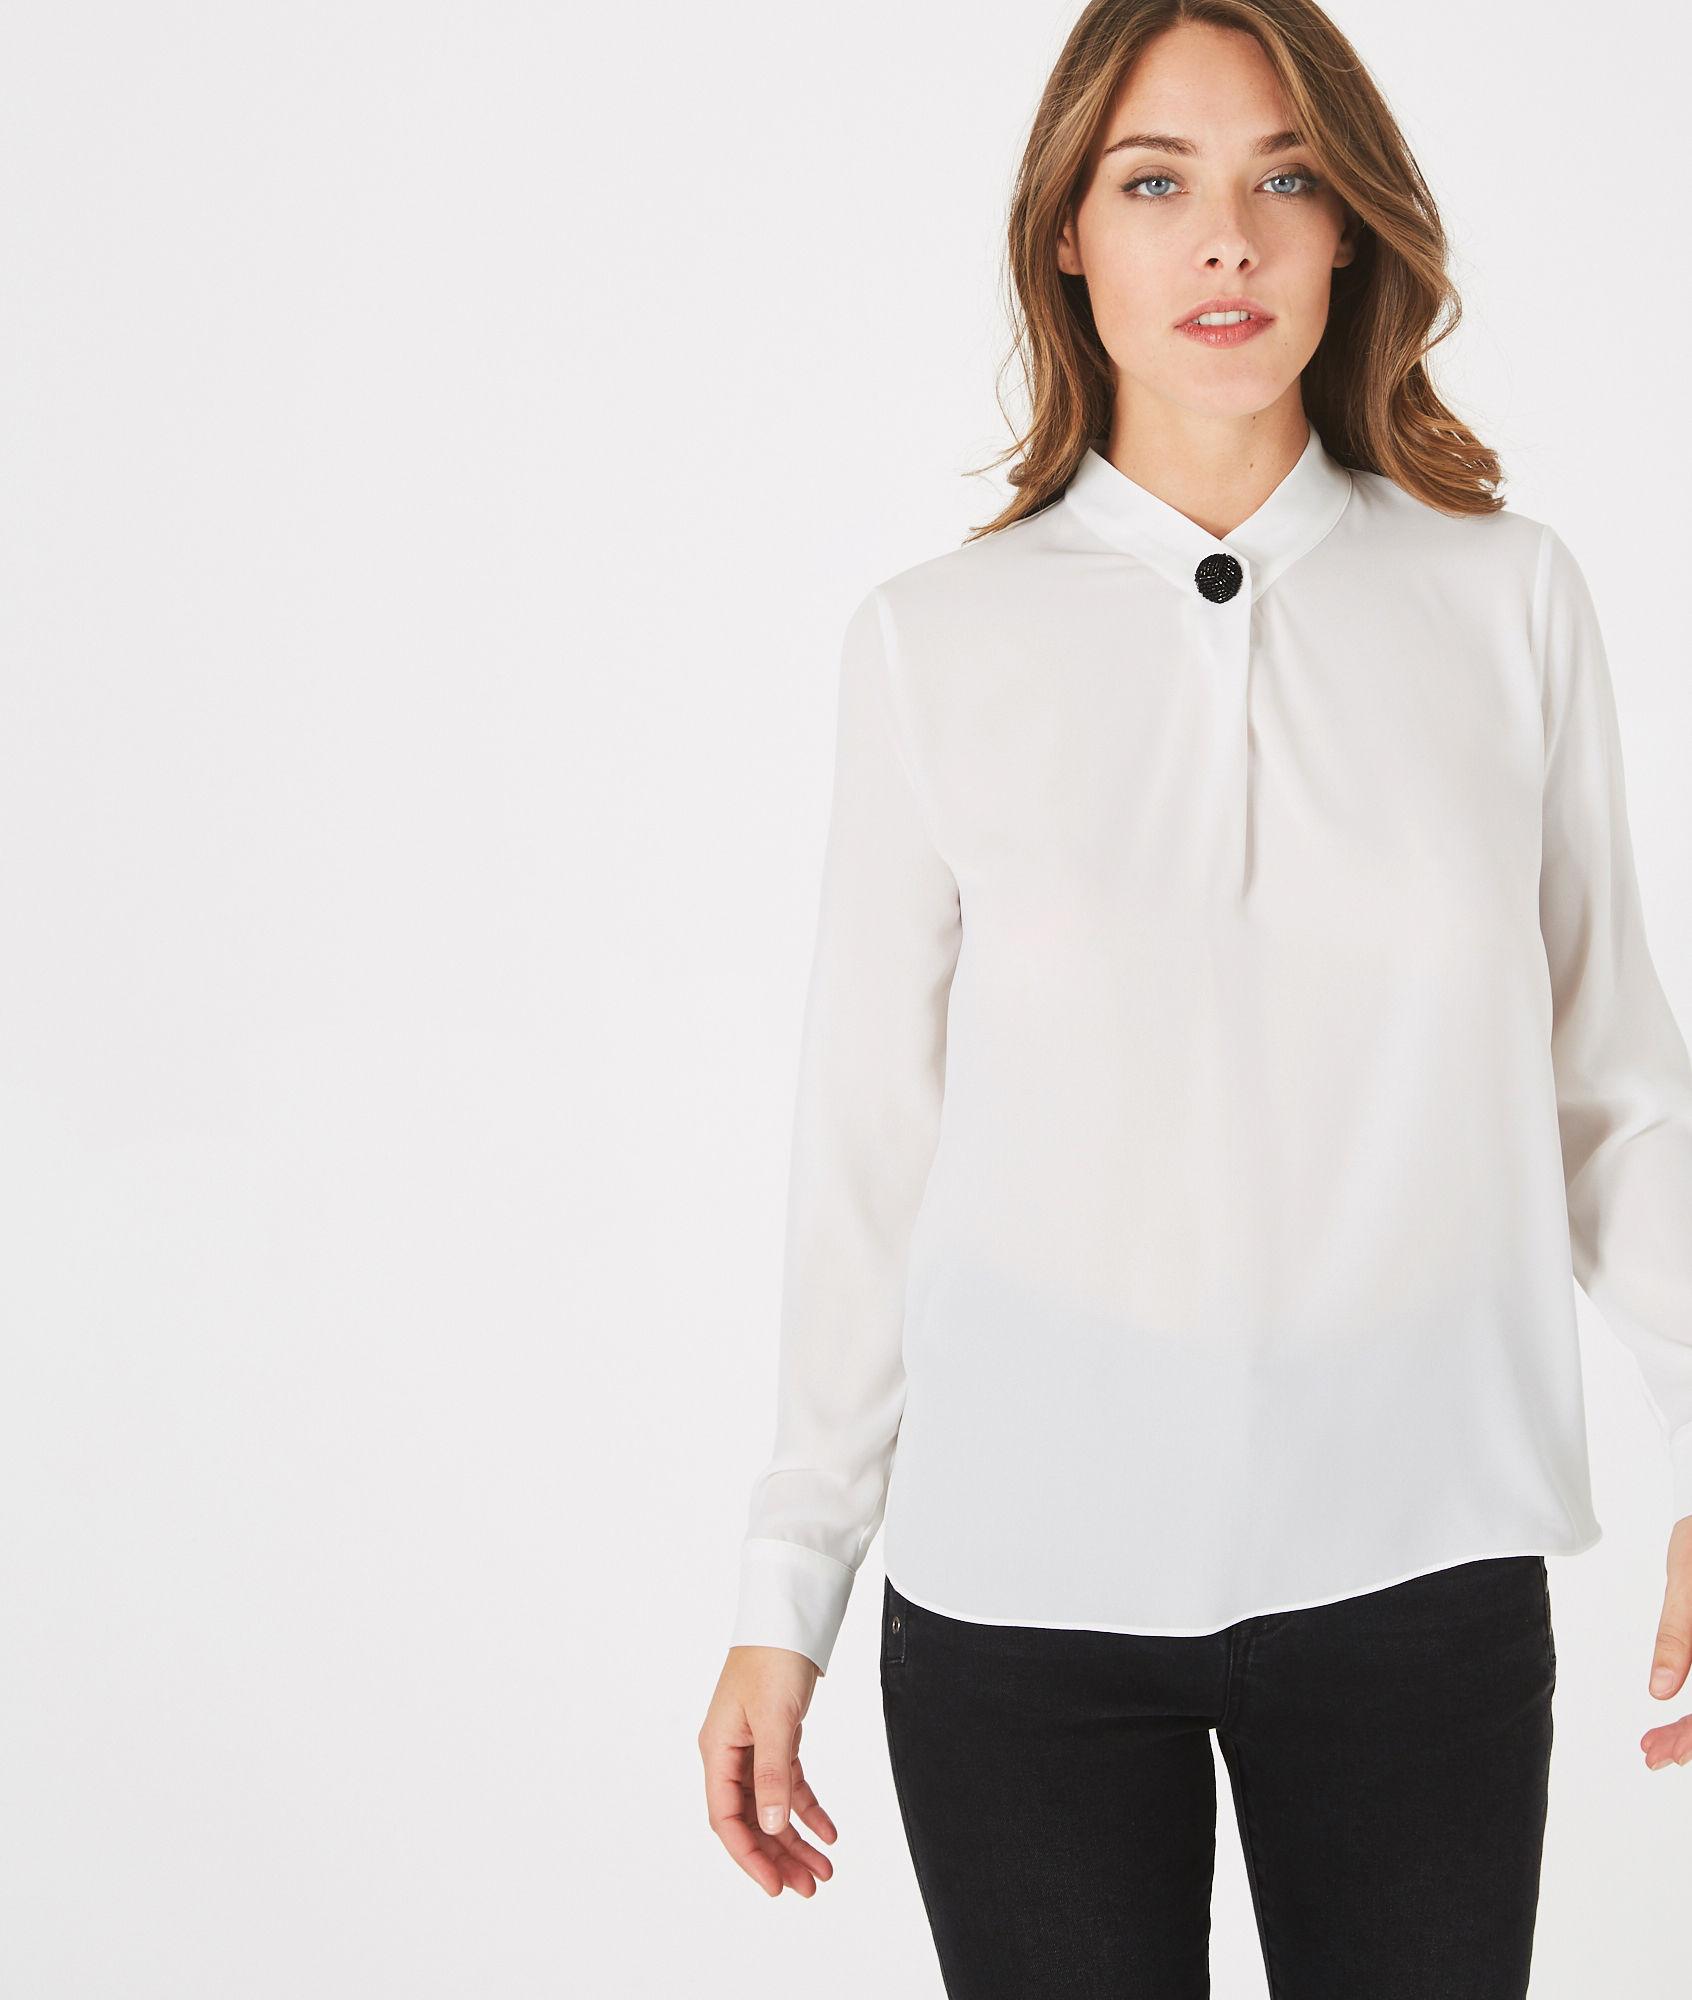 Je veux trouver une belle chemise femme et agréable à porter pas cher ICI  Chemise blanche femme 123 3439916455a0